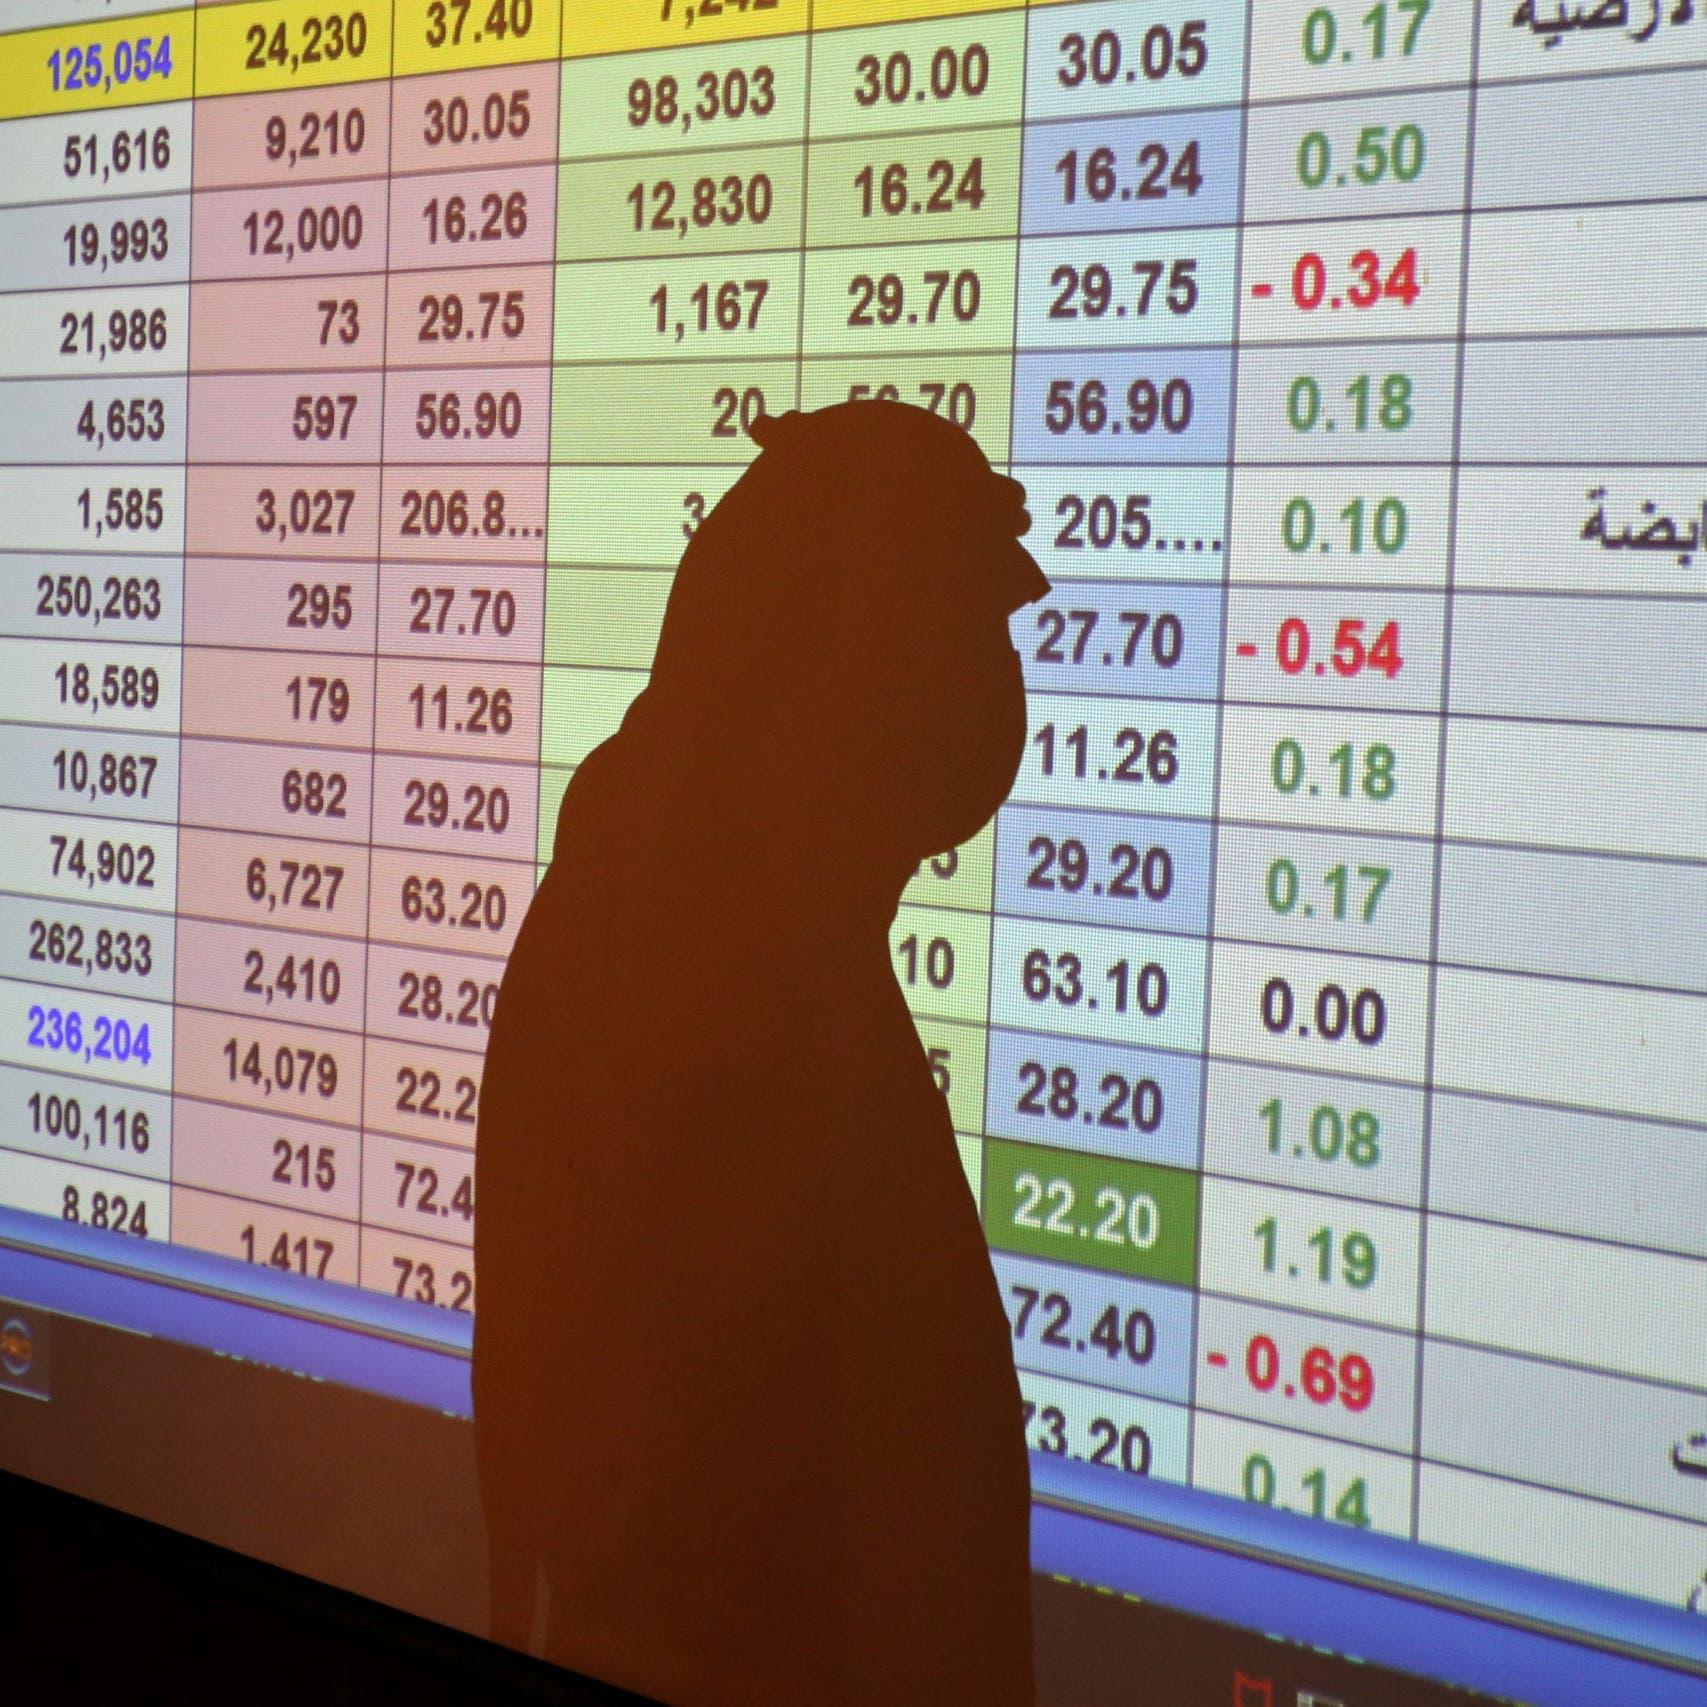 مؤشر الأسهم السعودية يعود للصعود ويغلق فوق 11386 نقطة